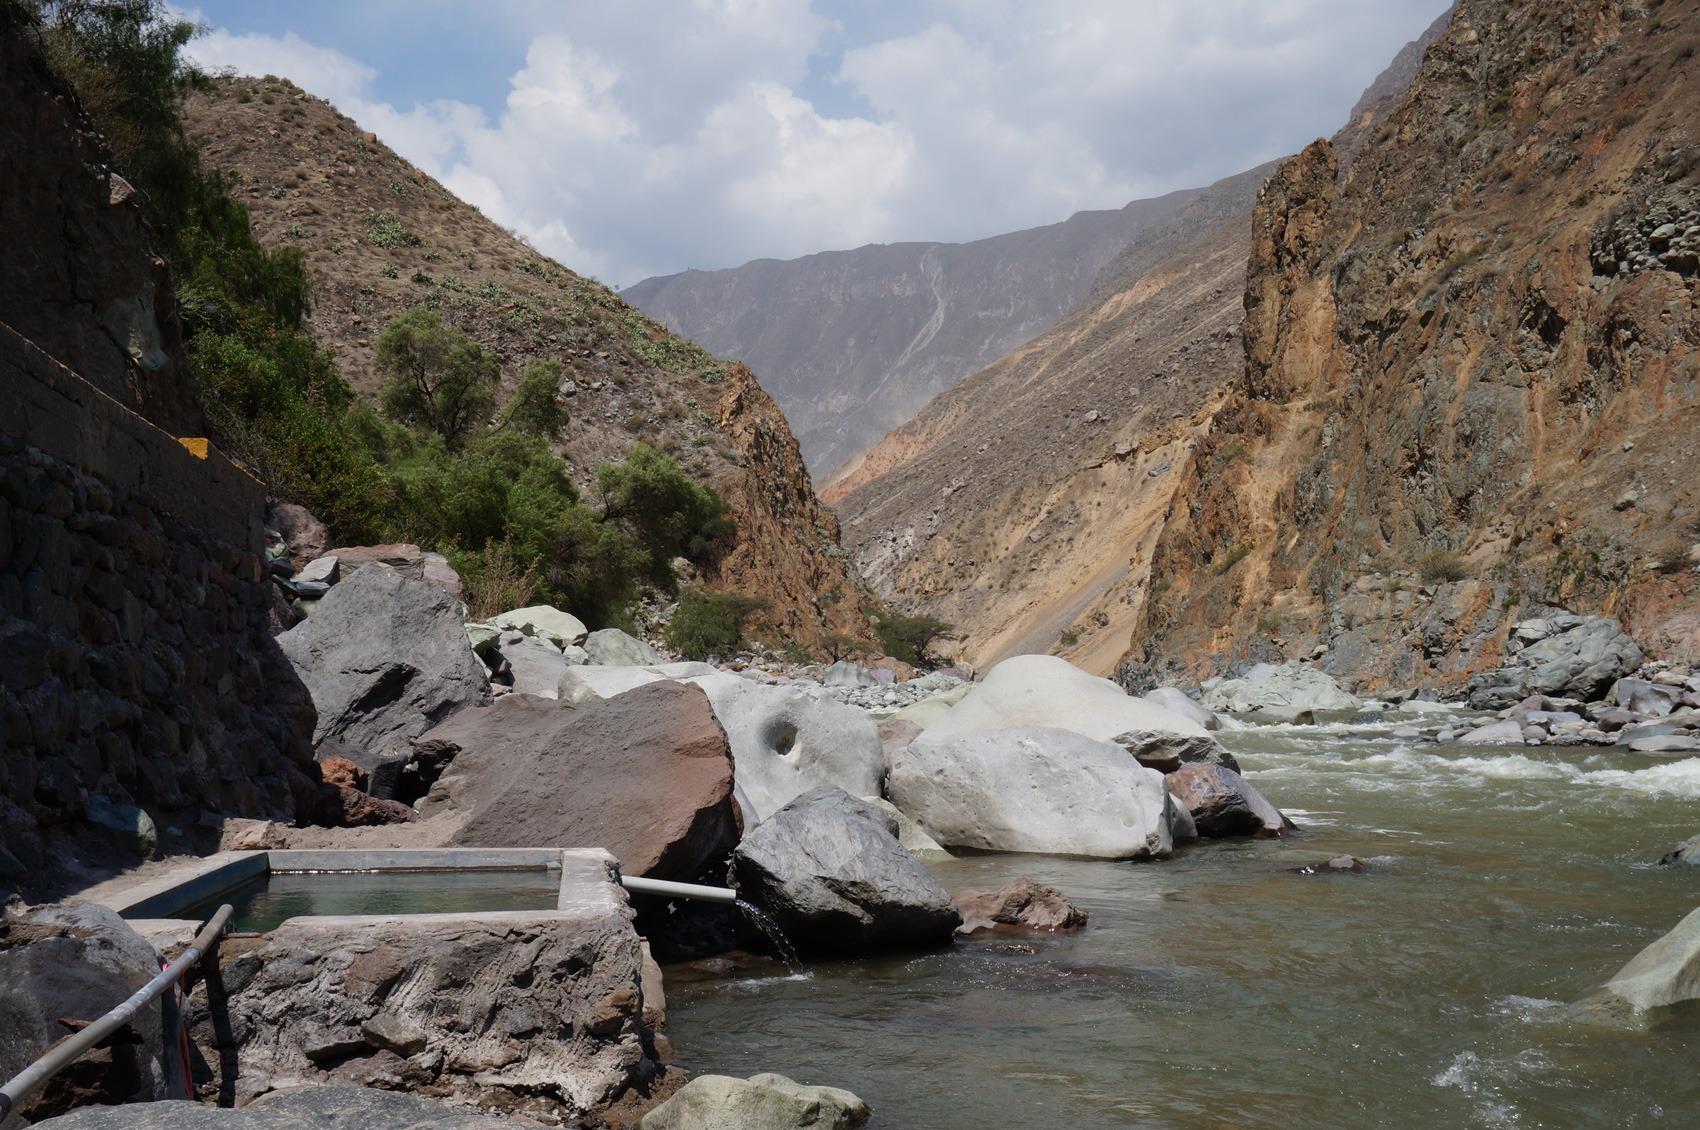 Canyon del colca - Llhuar